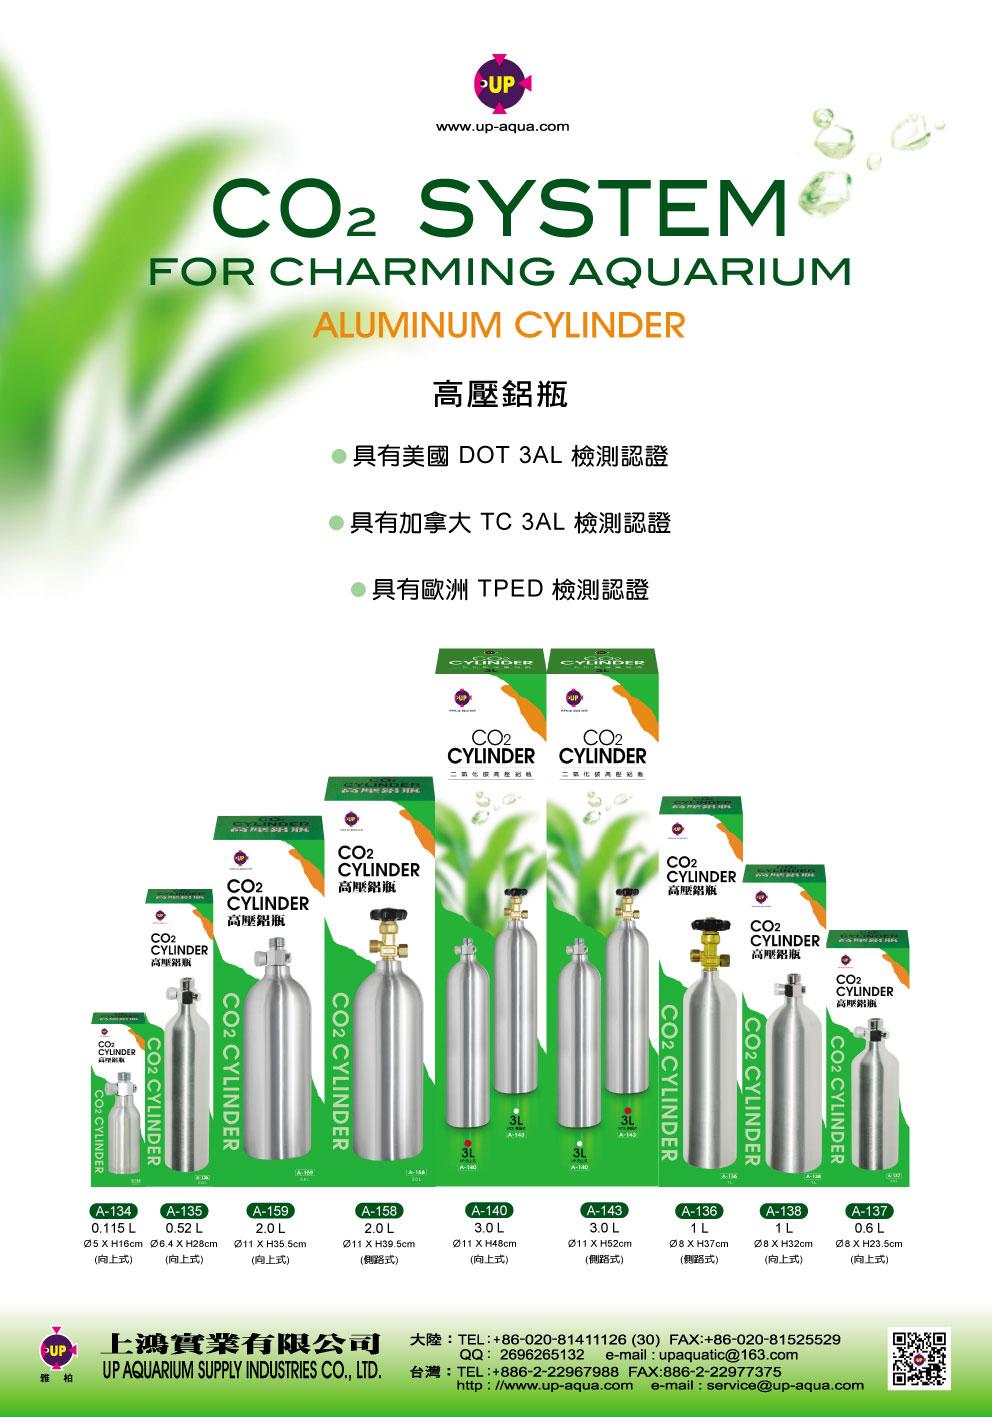 bình CO2 nhôm Upaqua cho cây thủy sinh xanh mướt